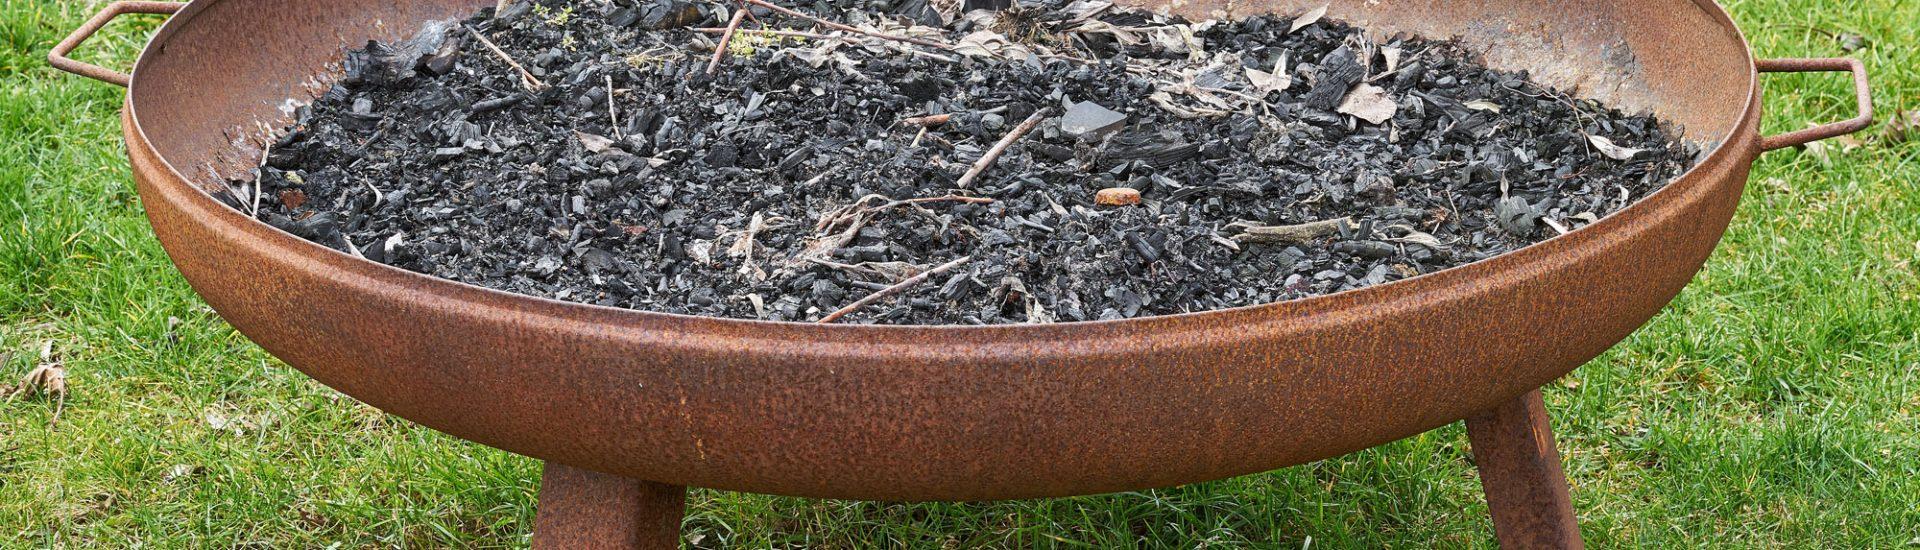 Rost Feuerschalen: Brennstoffe, Betrieb, Feuerschale als Grill verwenden